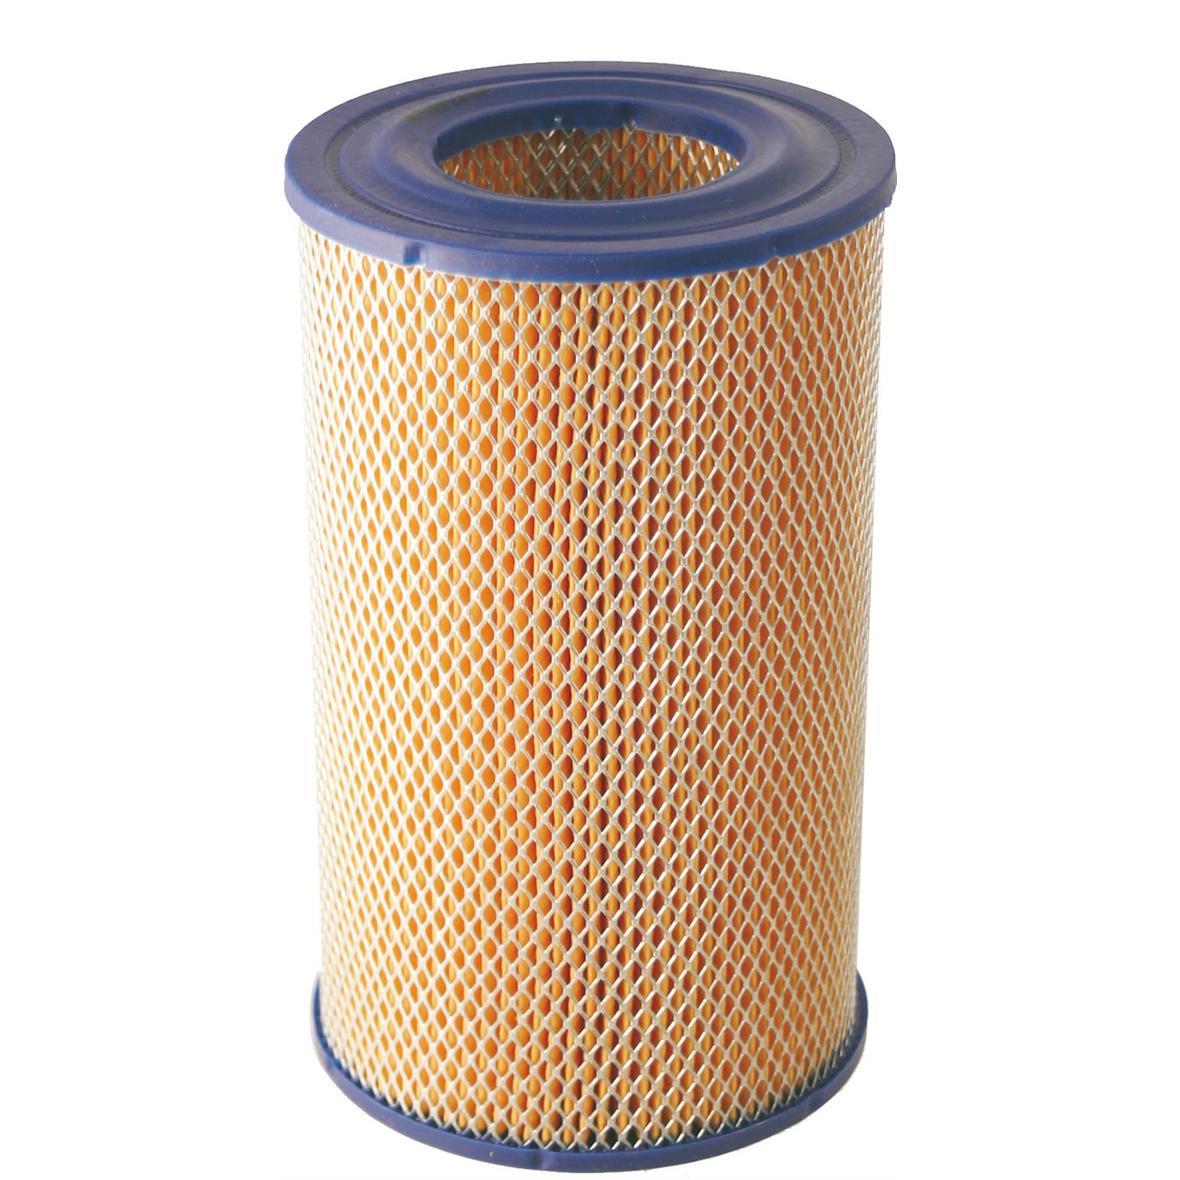 Produktbild für 'Luftfilter RMS'